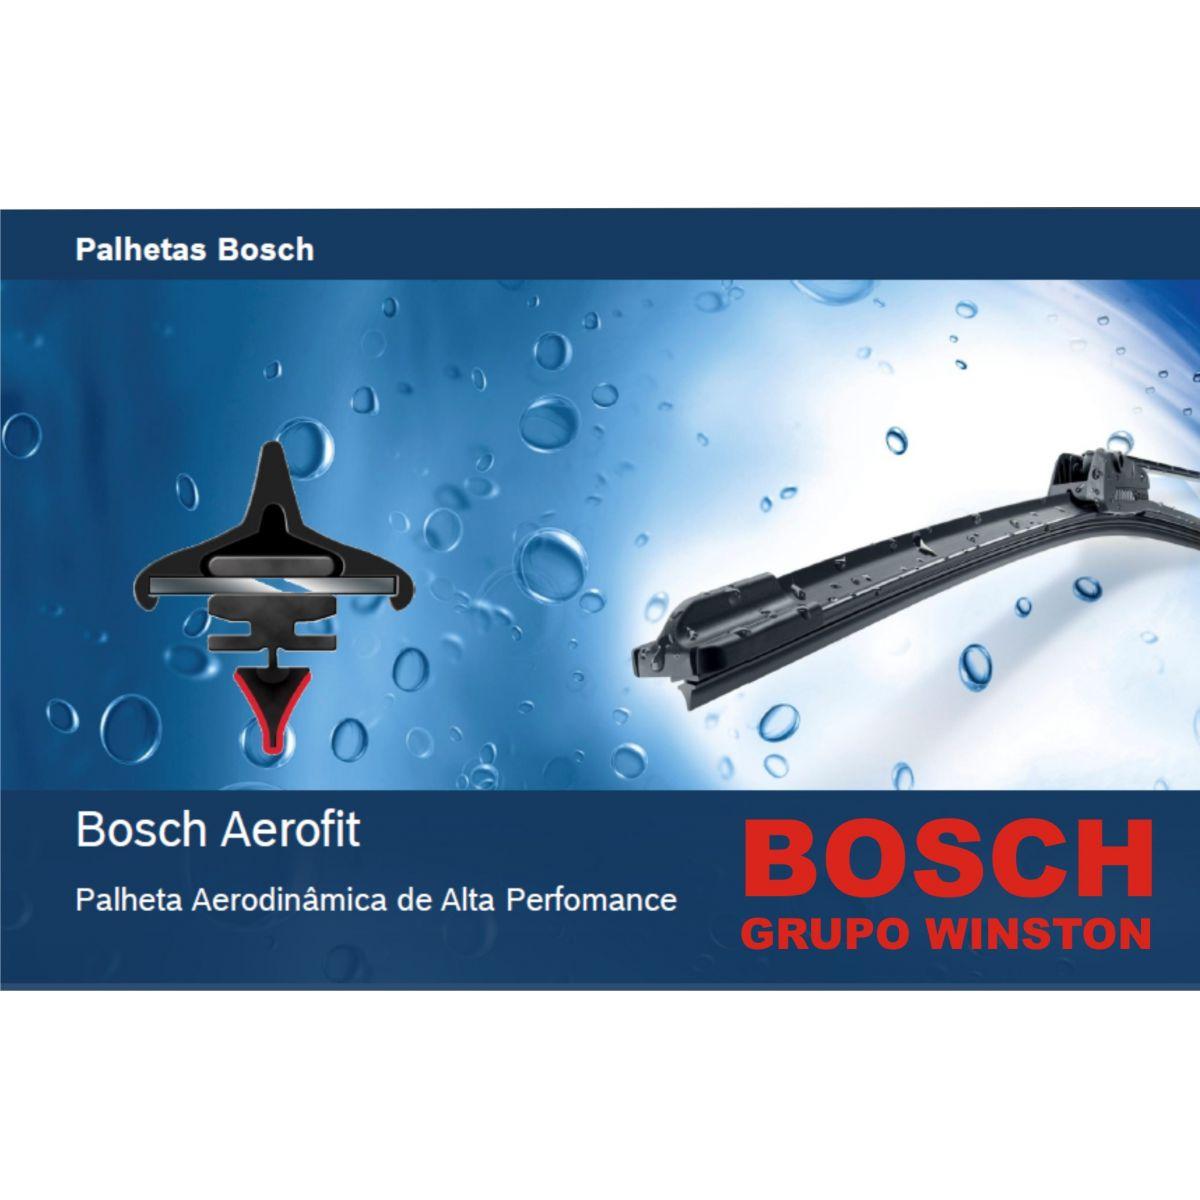 Palheta Bosch Aerofit Limpador de para brisa Bosch DAEWOO Tico